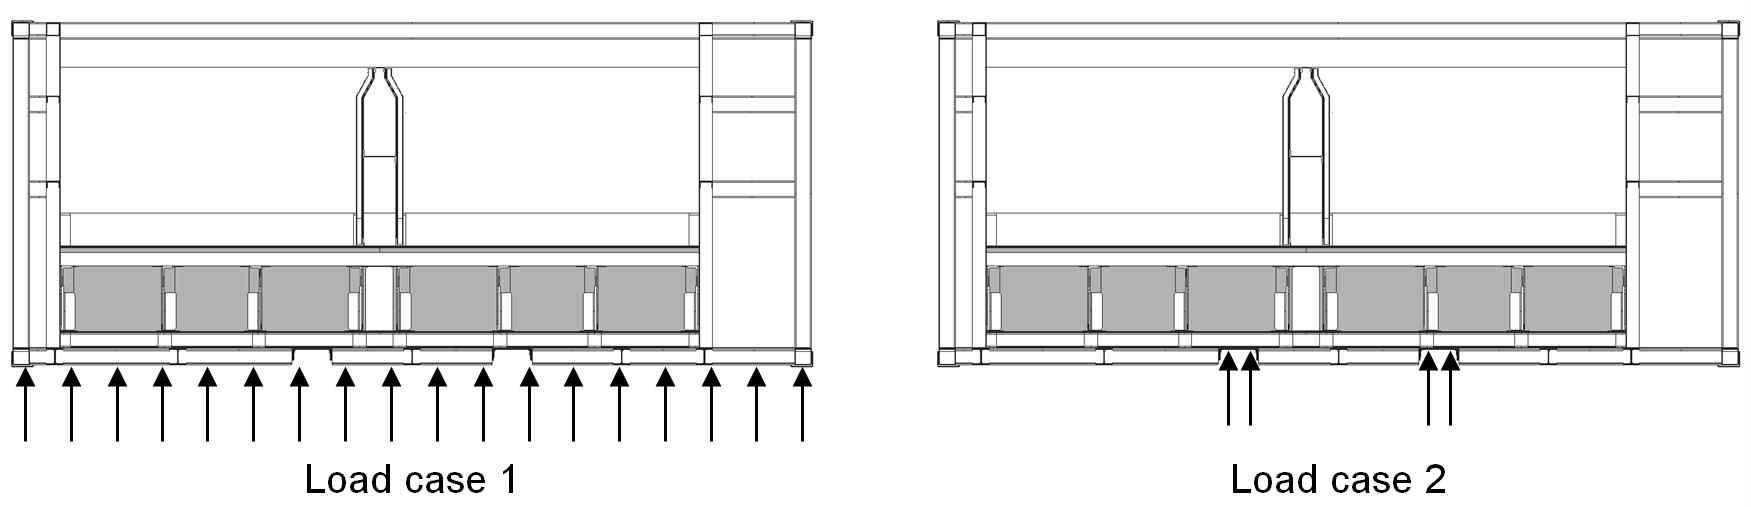 그림 3-41 호퍼형 일관수송용기 구조해석을 위한 지지조건